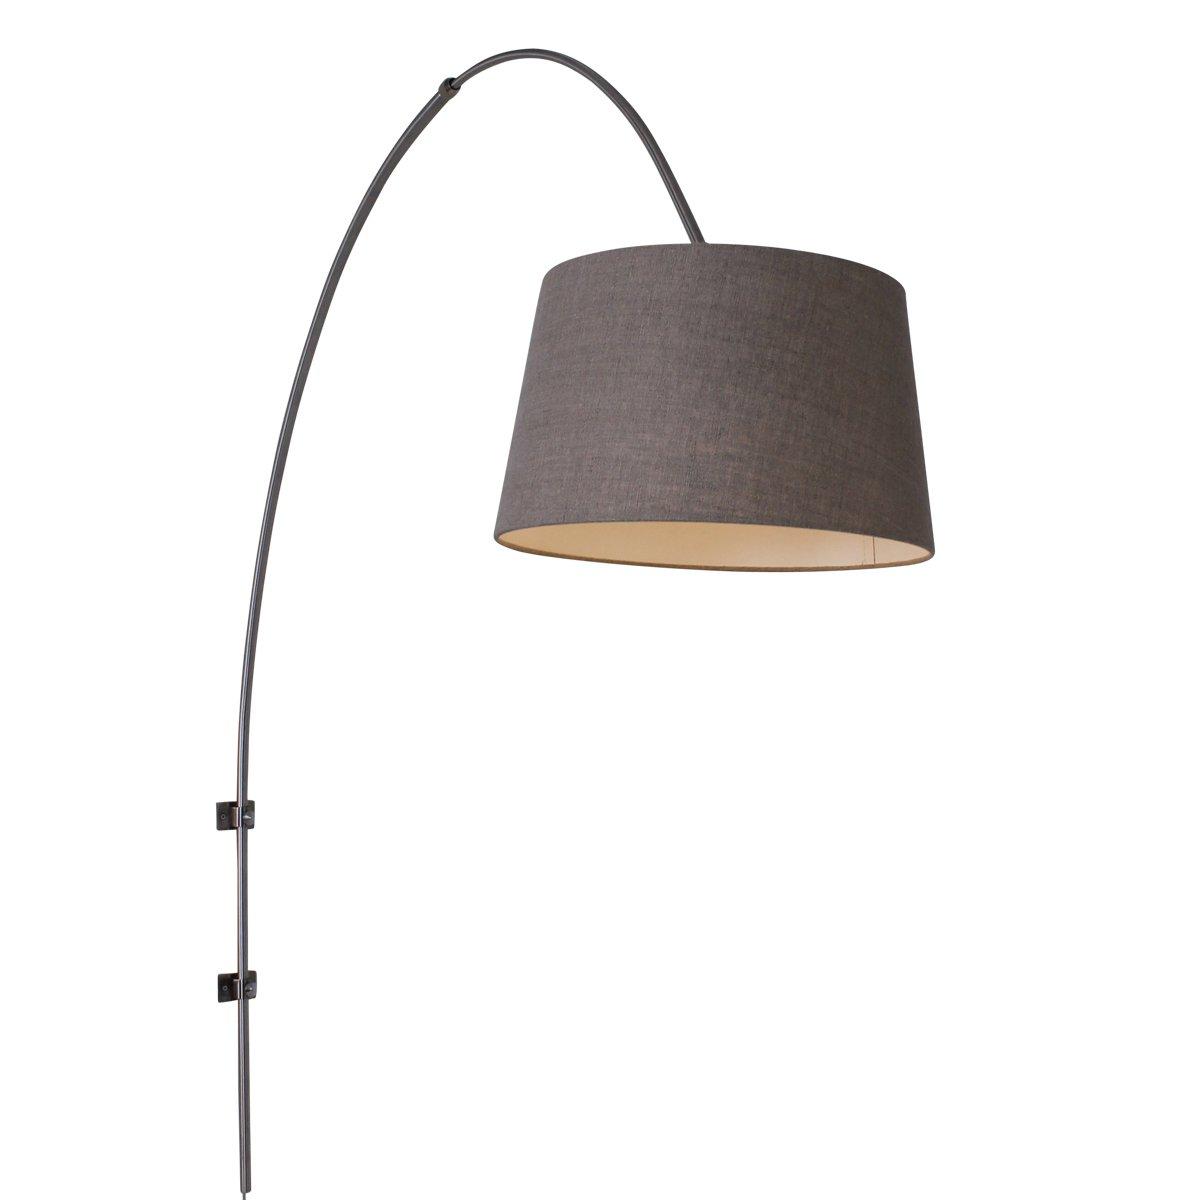 Steinhauer Landelijke leeslamp Gramineus 30 Steinhauer 9944ST